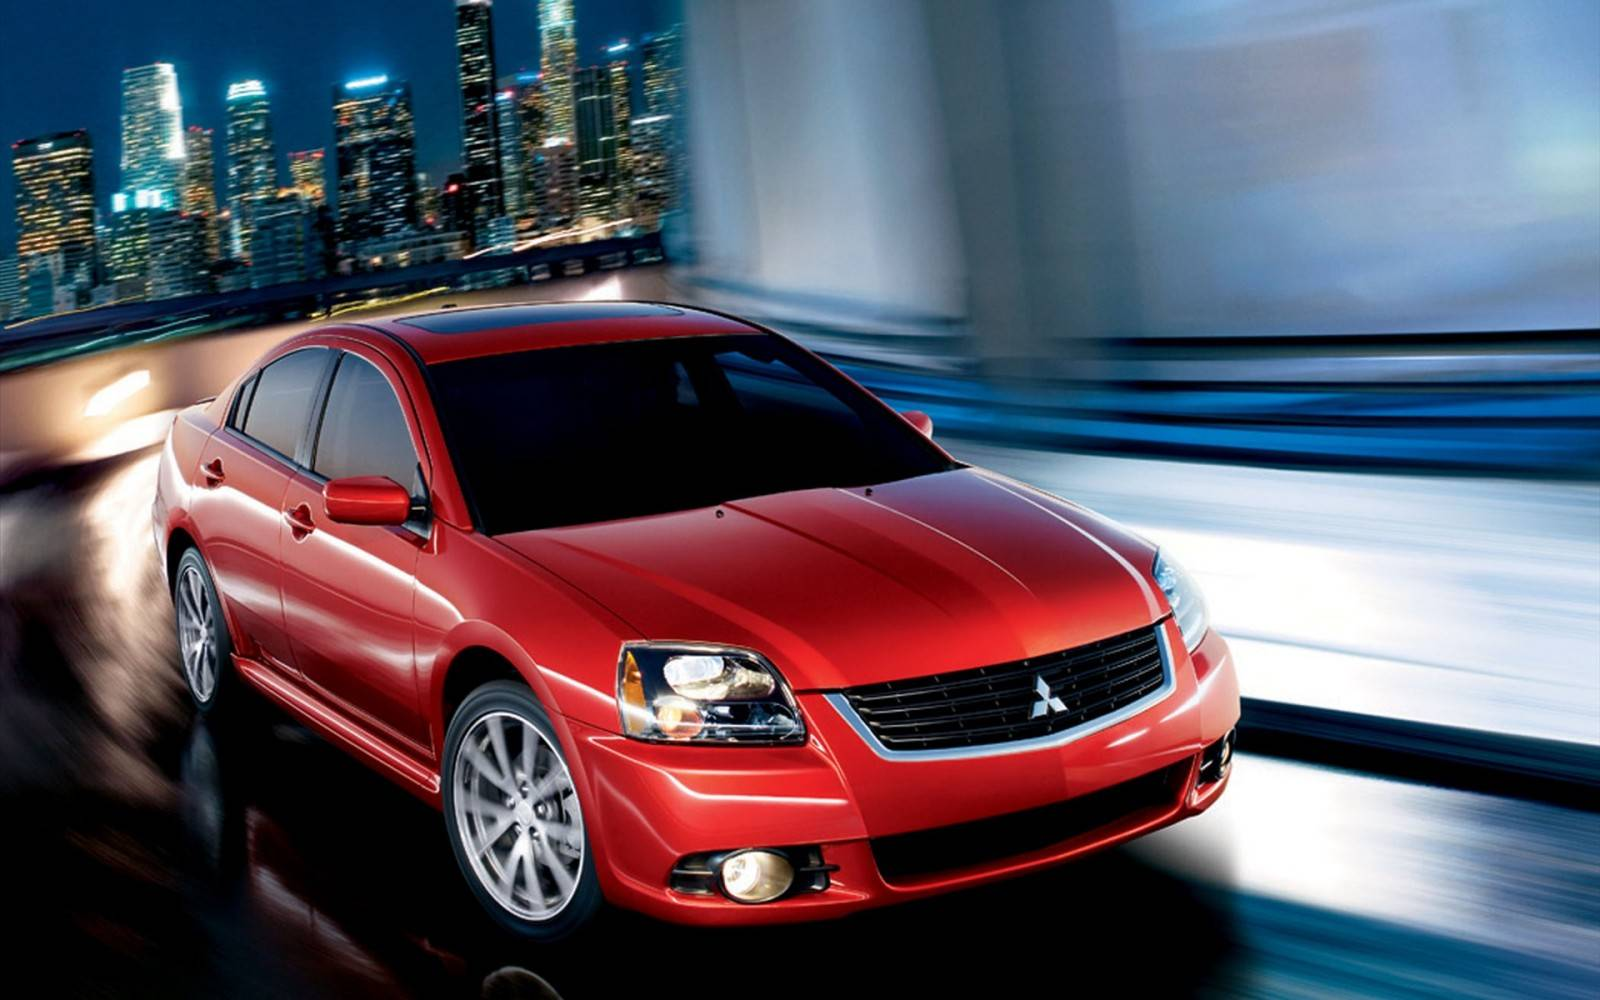 Сложный выбор: Mitsubishi Galant IX или Mazda 6 I